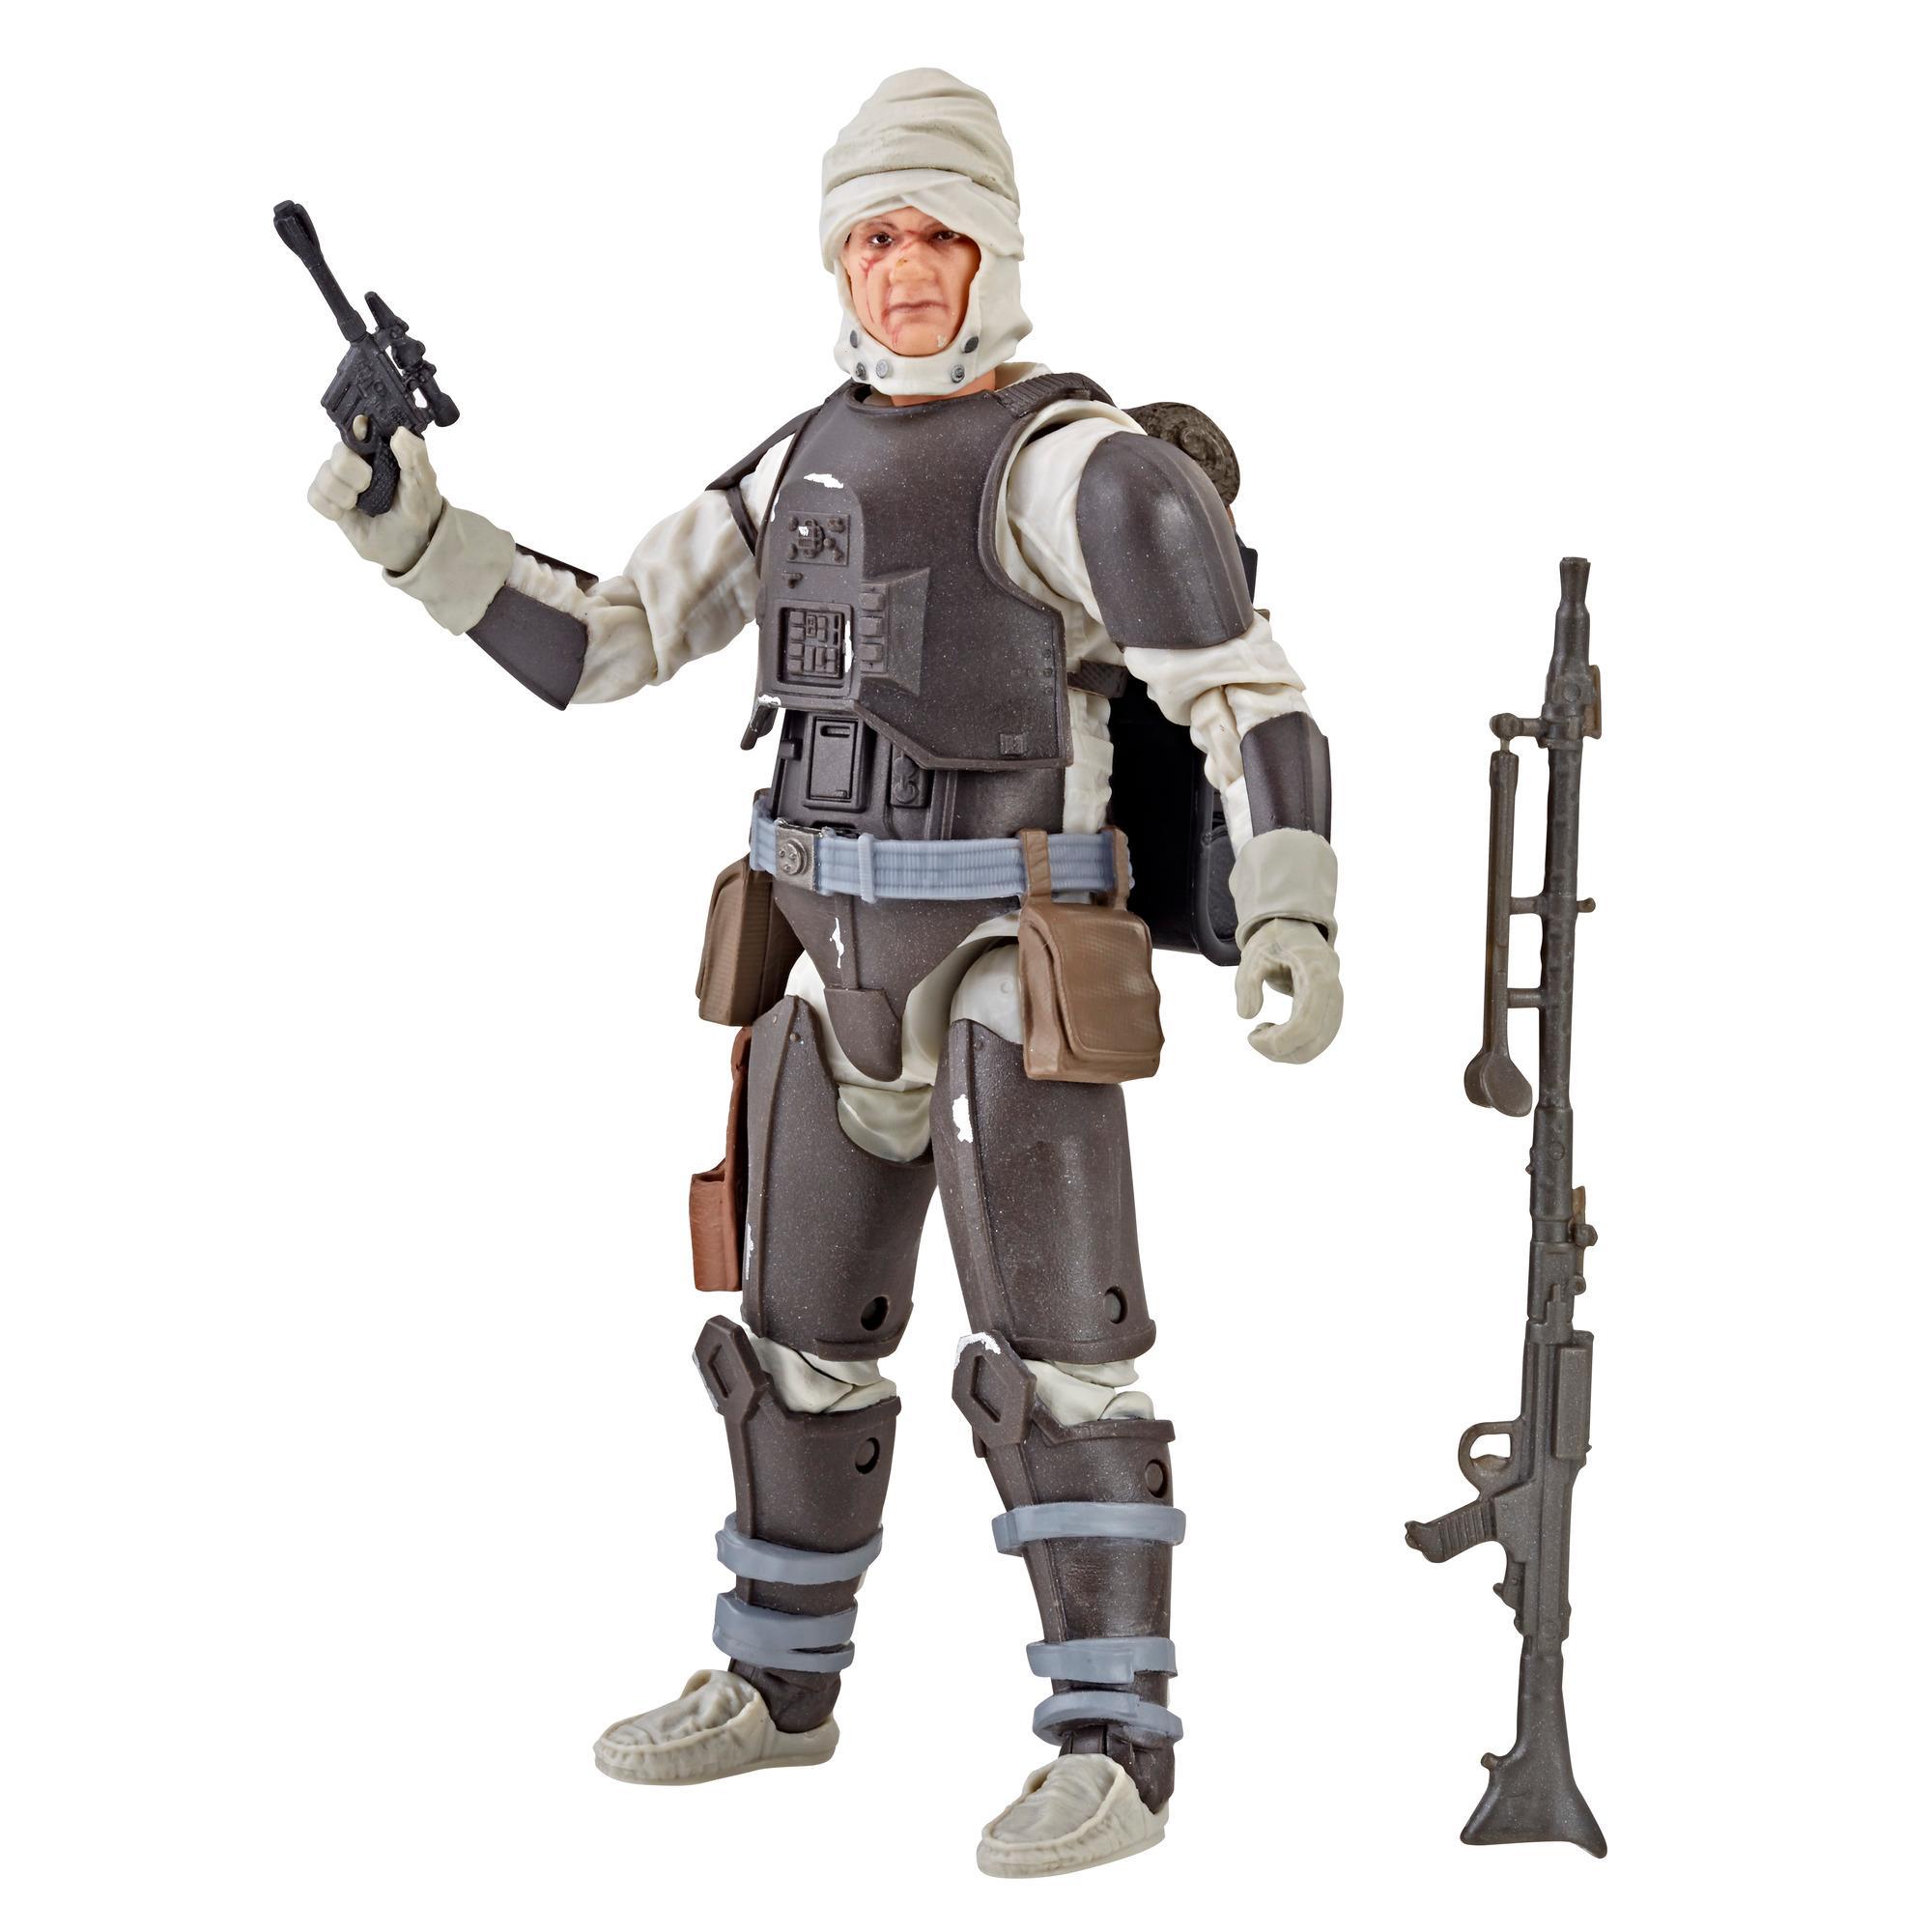 Star Wars Série noire - Figurine Dengar de 15 cm